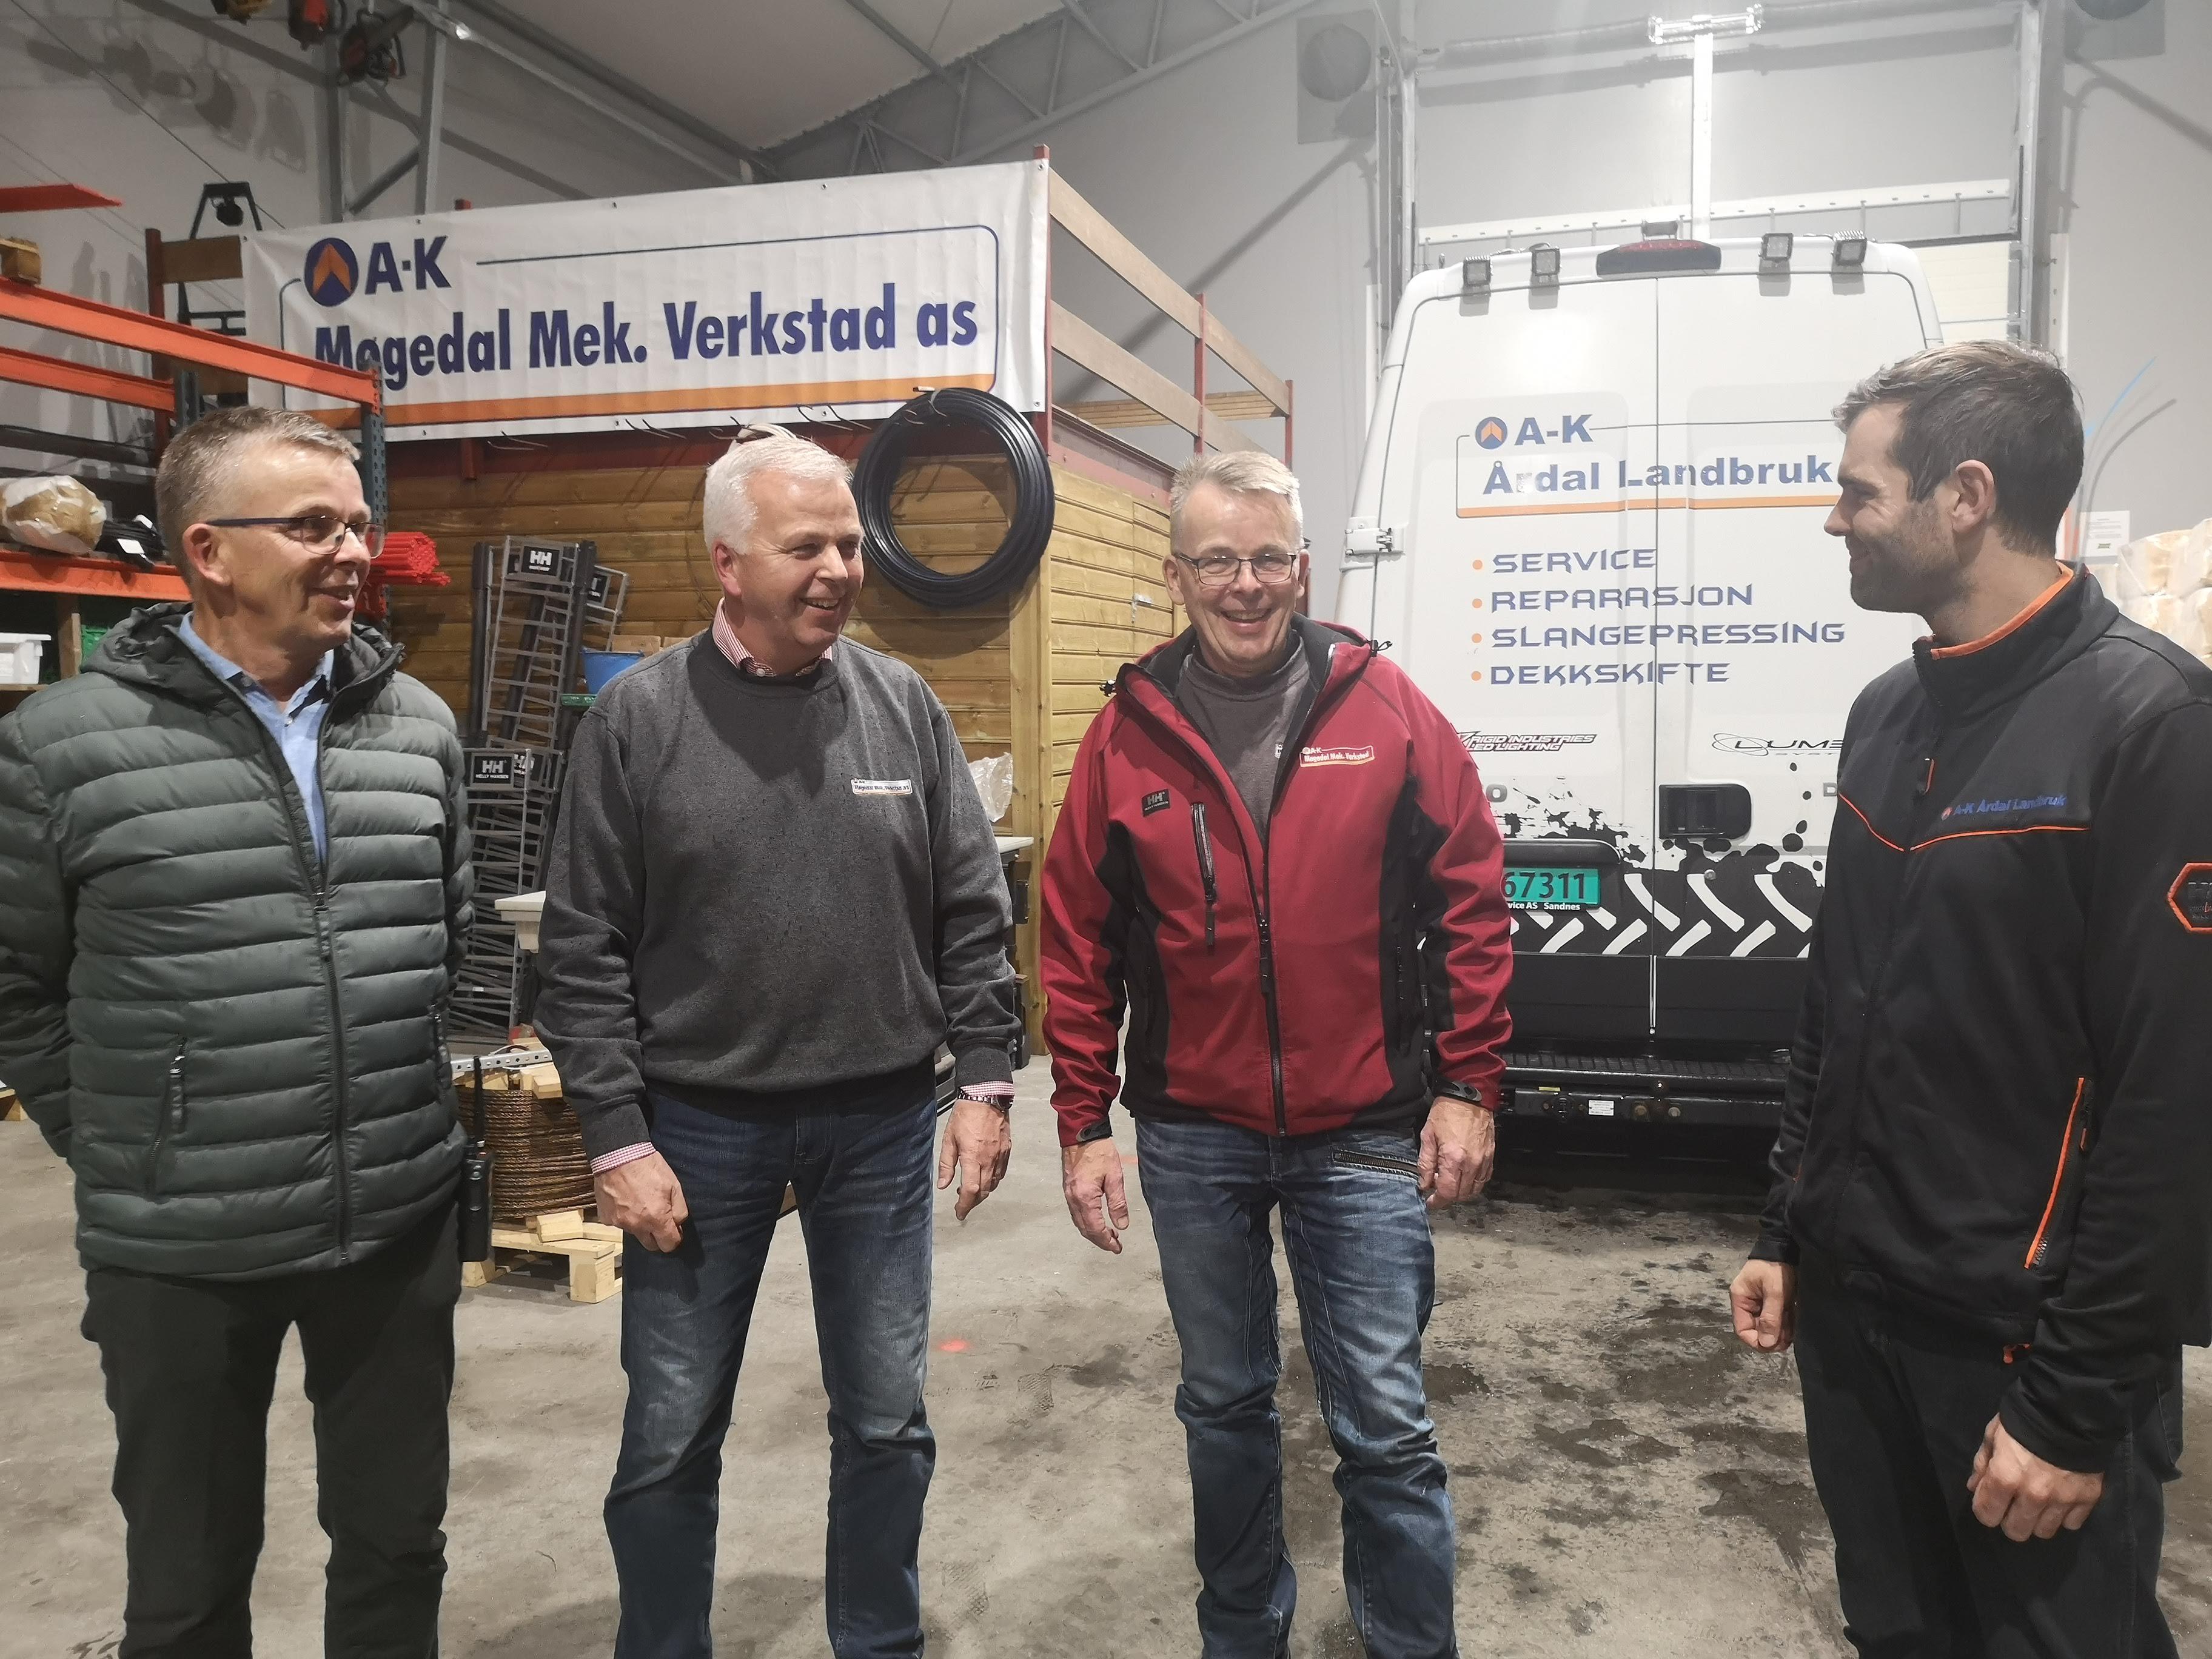 Bilete av brødrene Werner, Leif og Geir Bakka